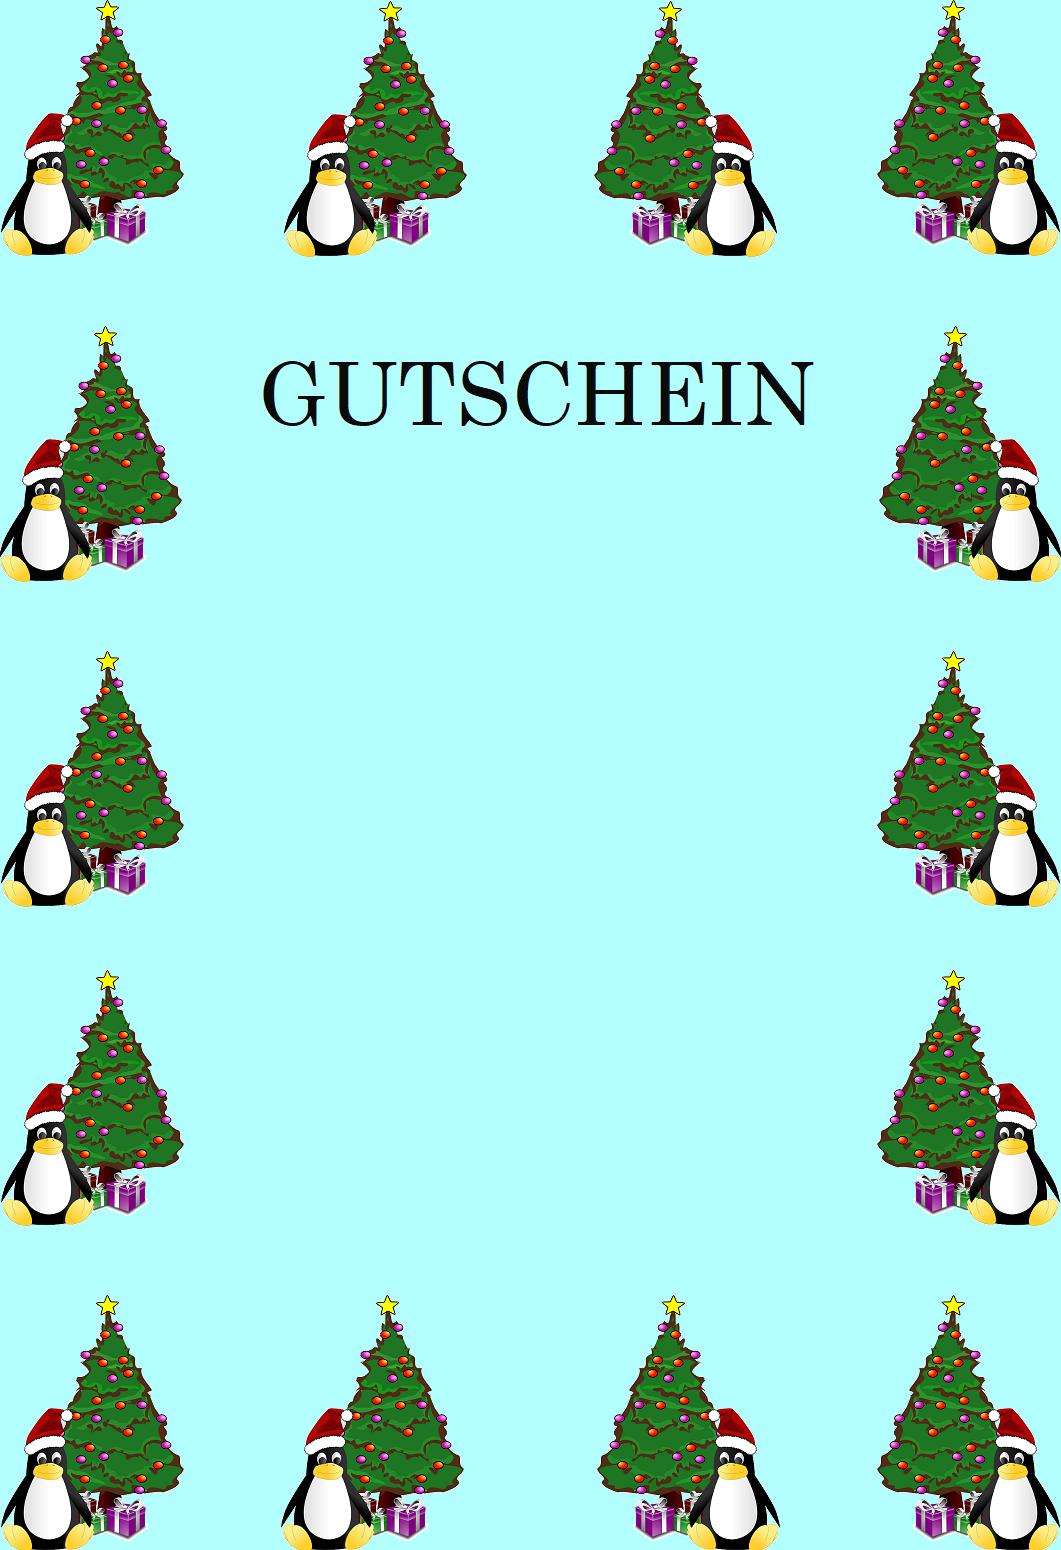 Gutscheinvorlagen Zu Weihnachten - Gutscheinspruch.de innen Vorlagen Weihnachtsmotive Kostenlos